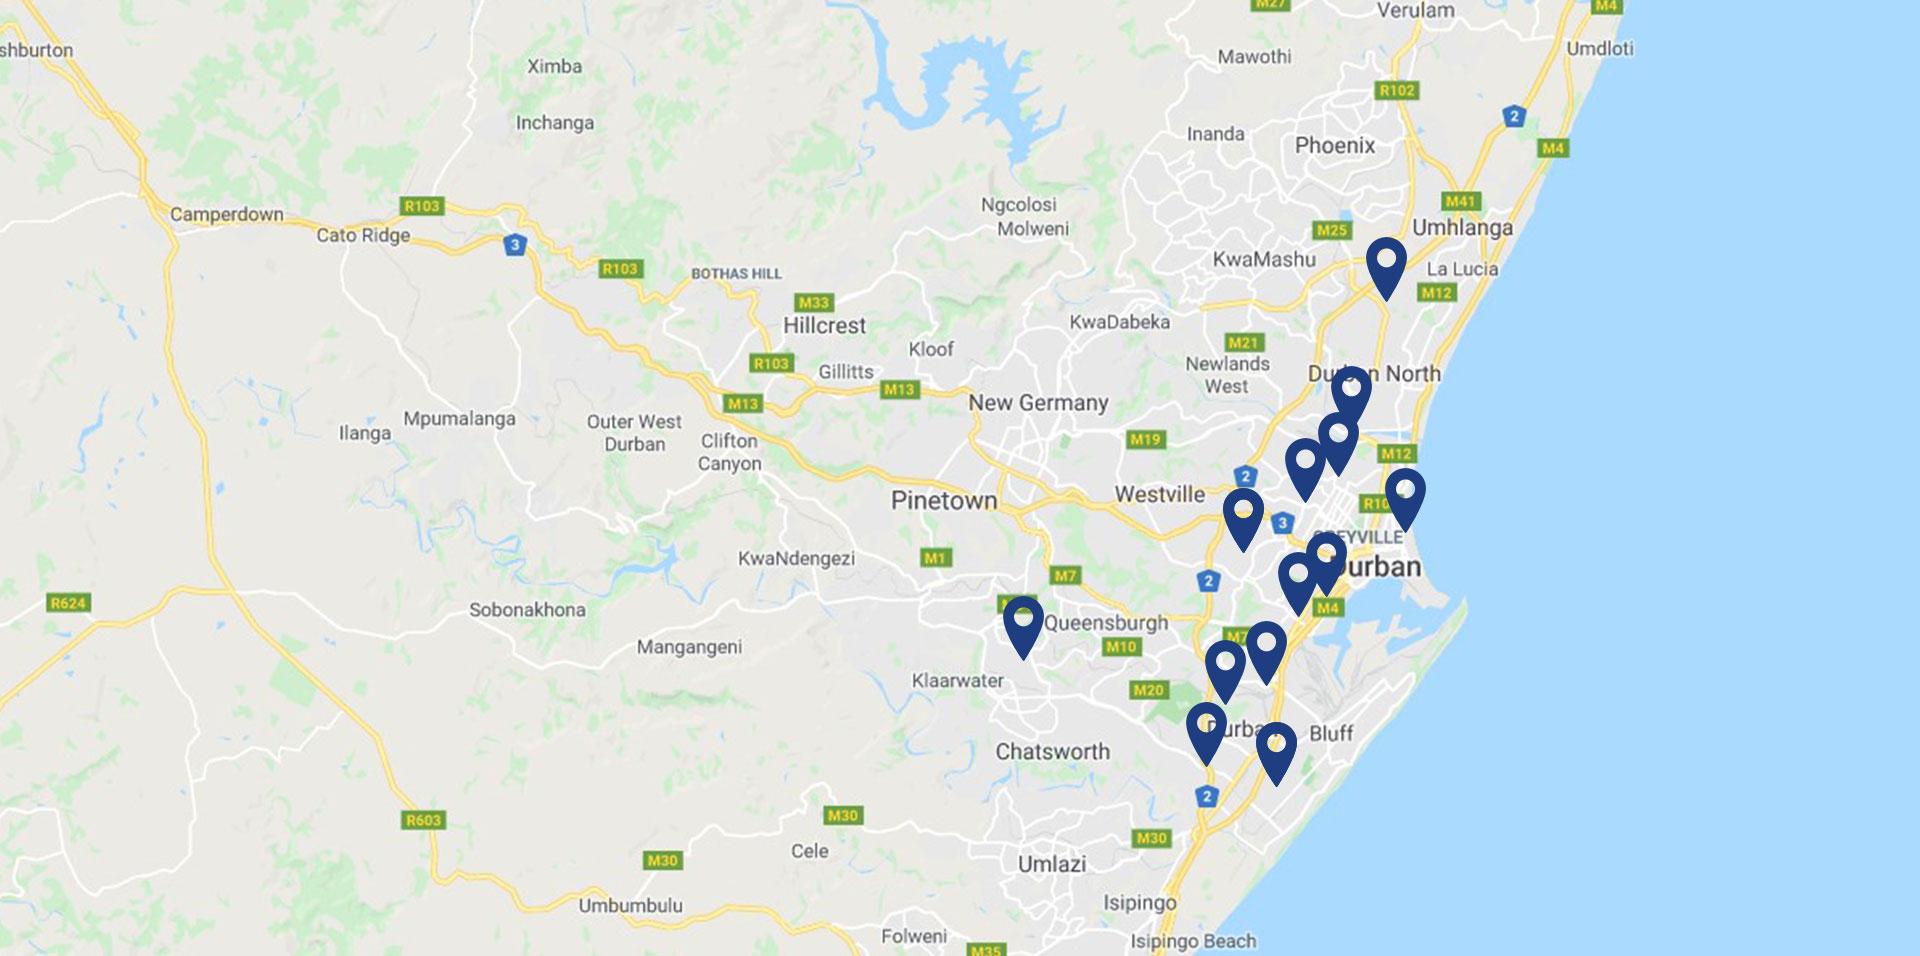 Maps-KZNTA-Durban-2